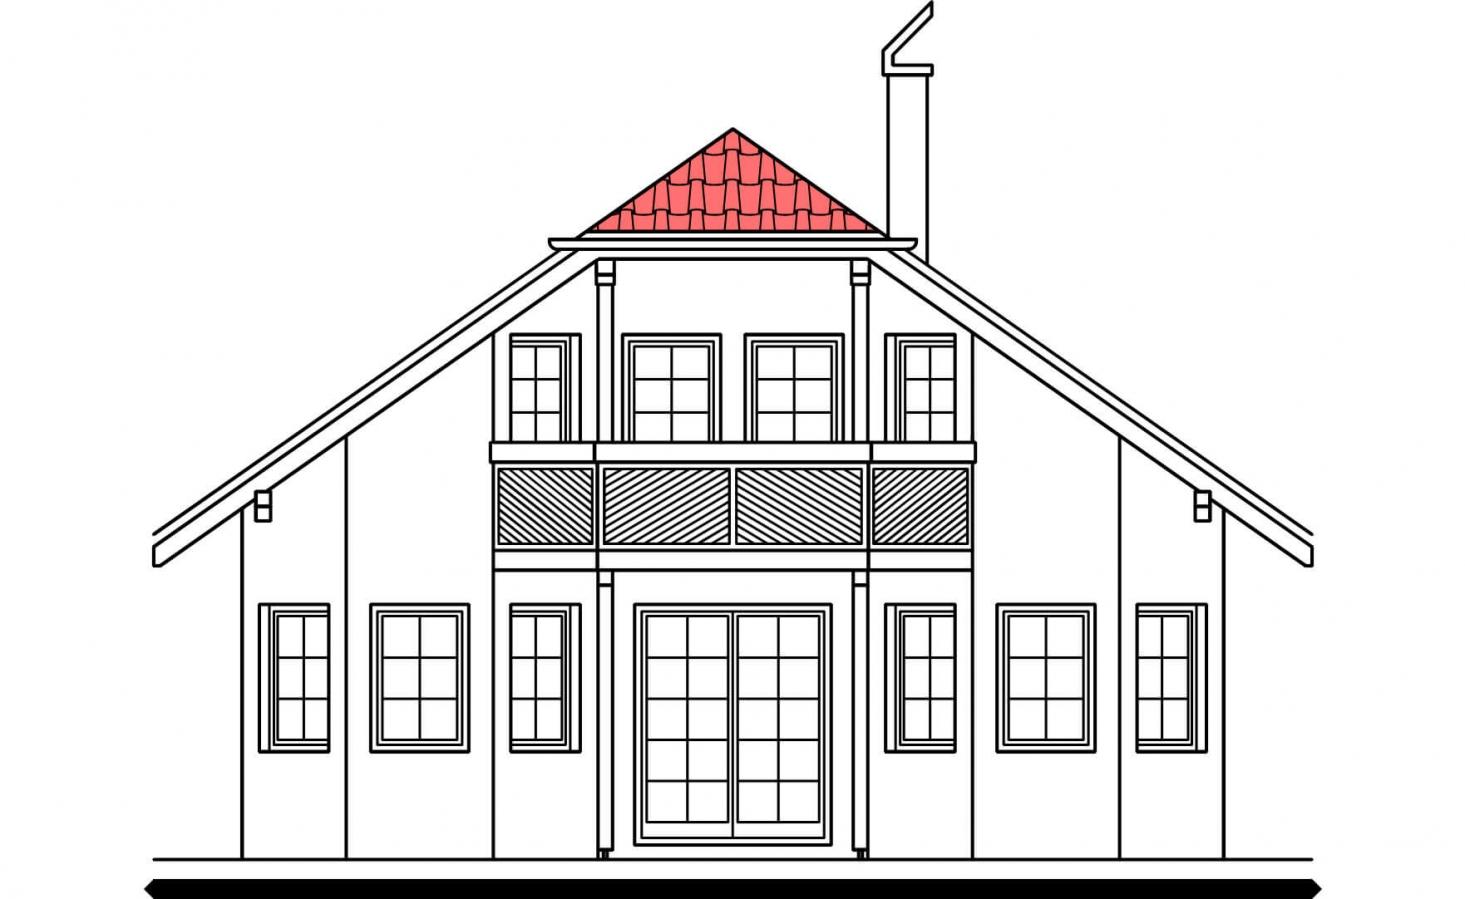 Pohľad 3. - Klasický rodinný dom so suterénom a izbou na prízemí.